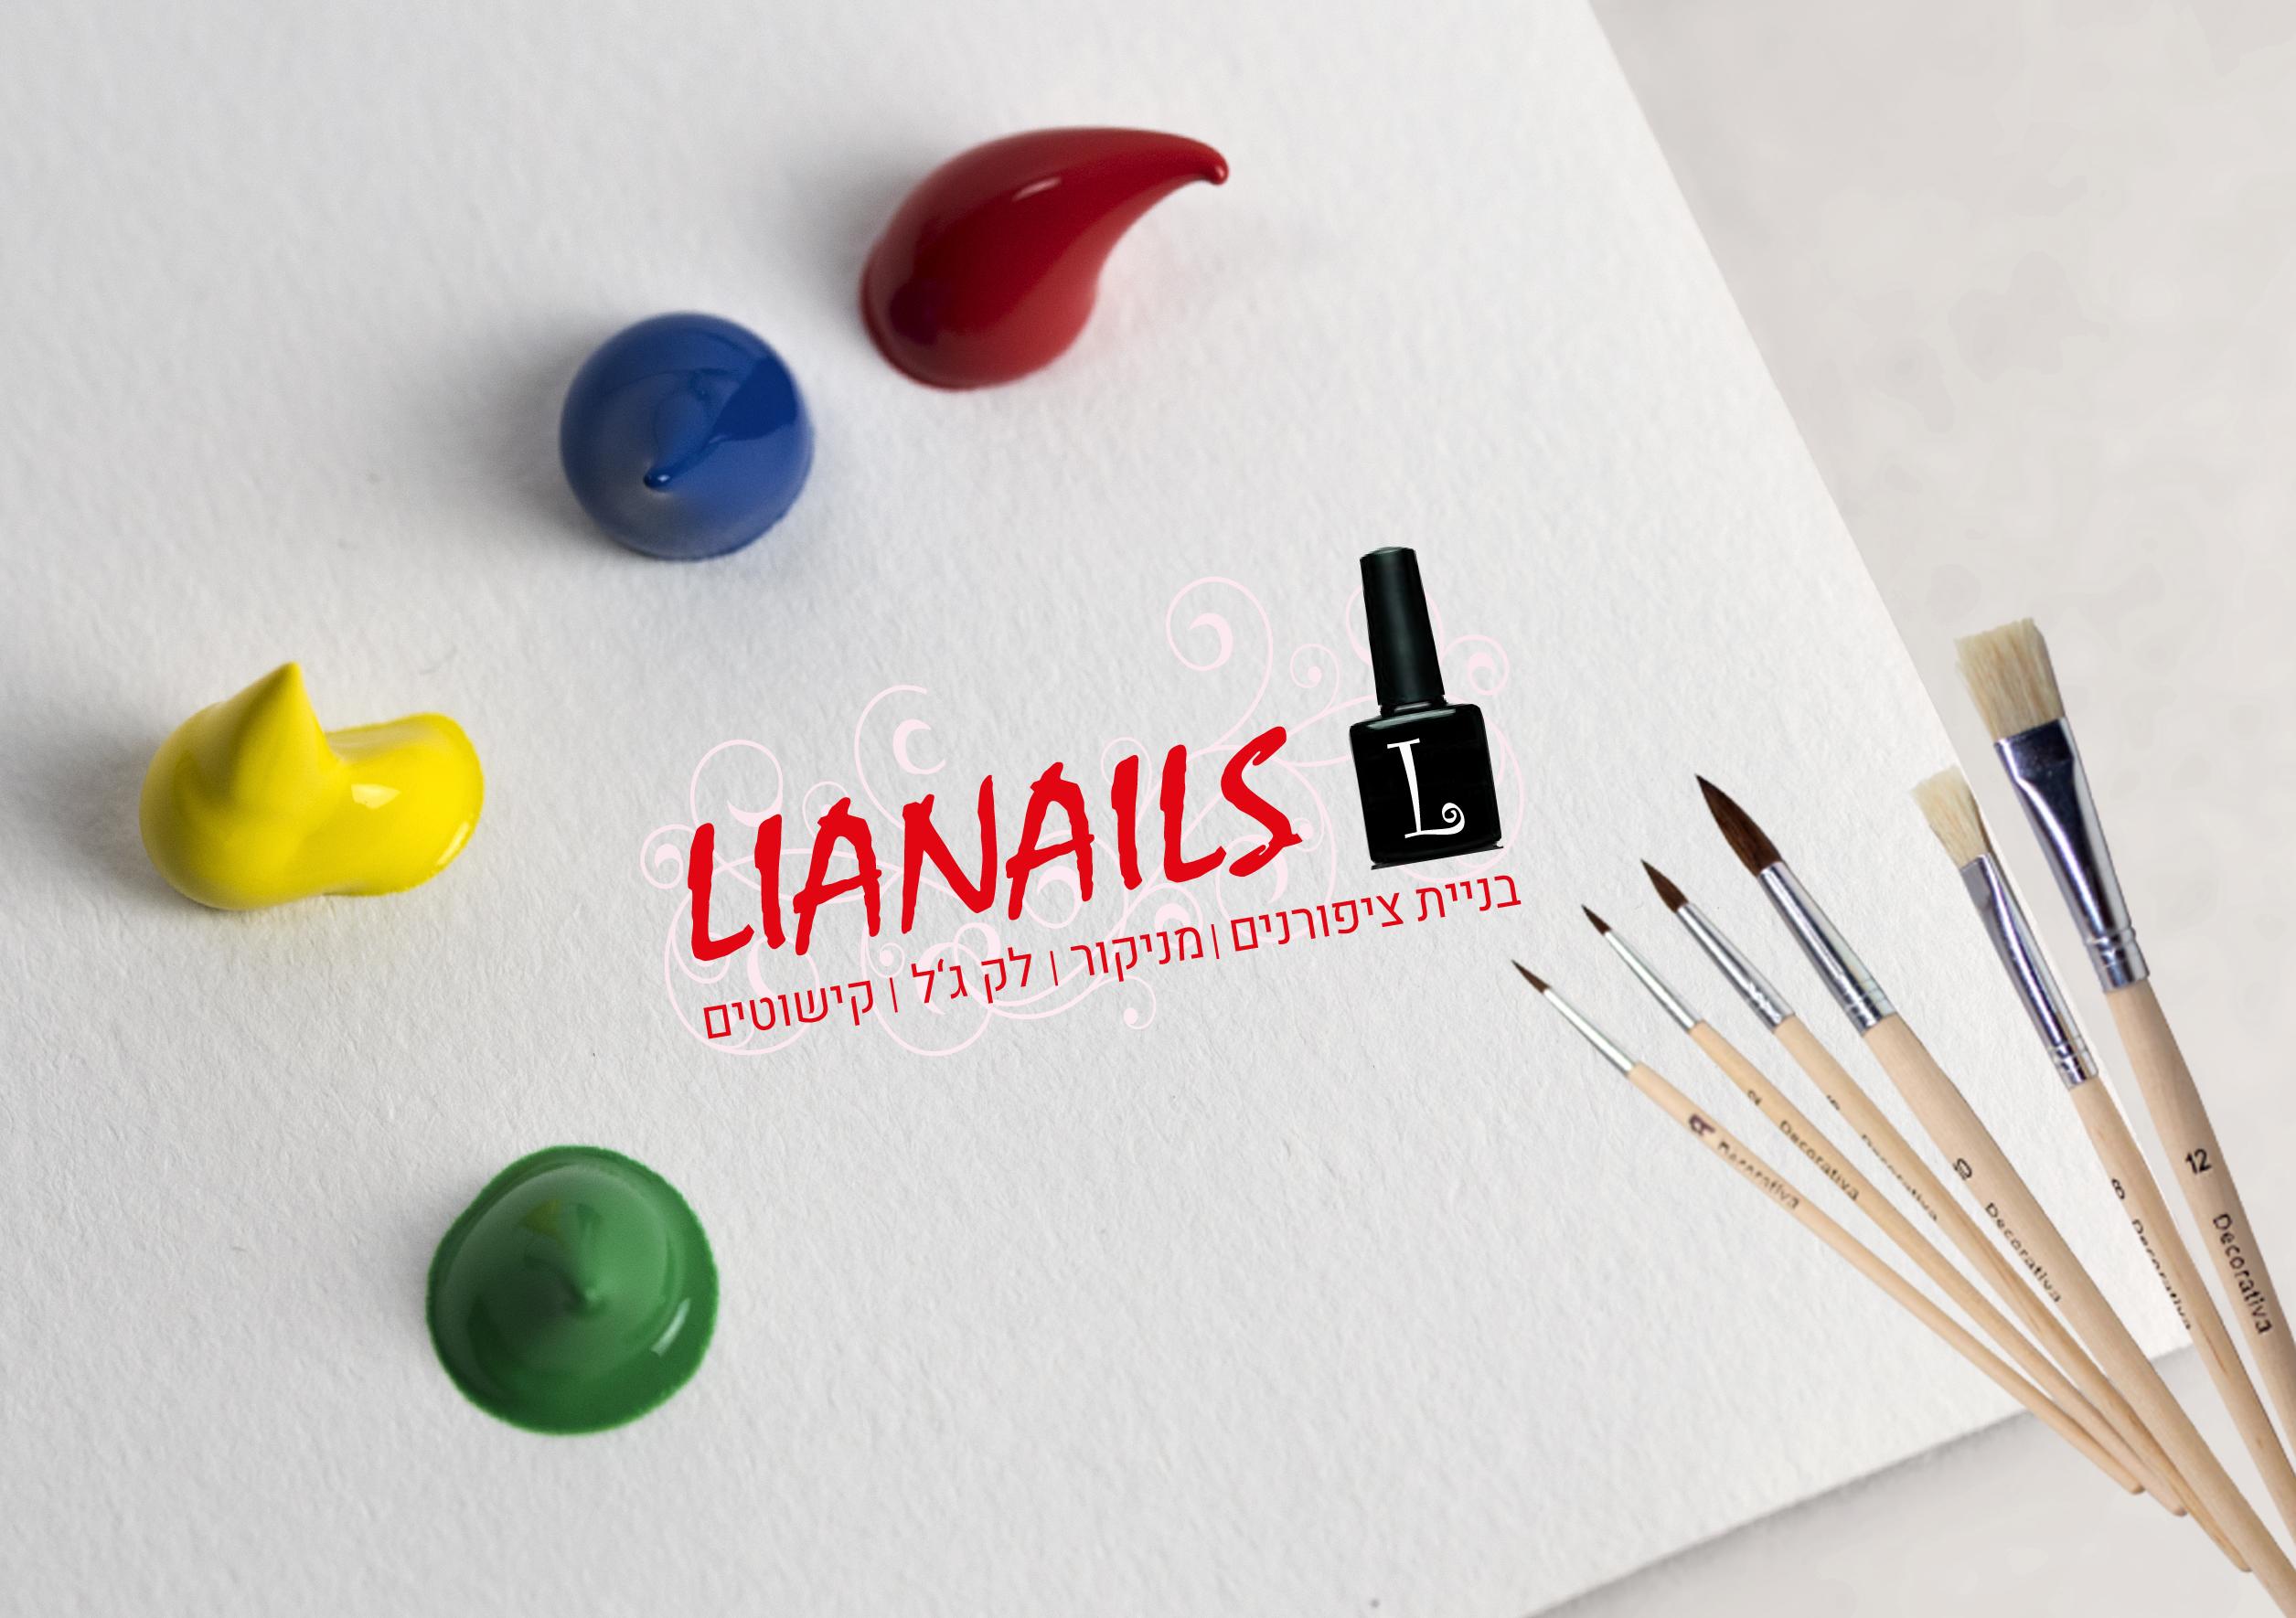 lianails